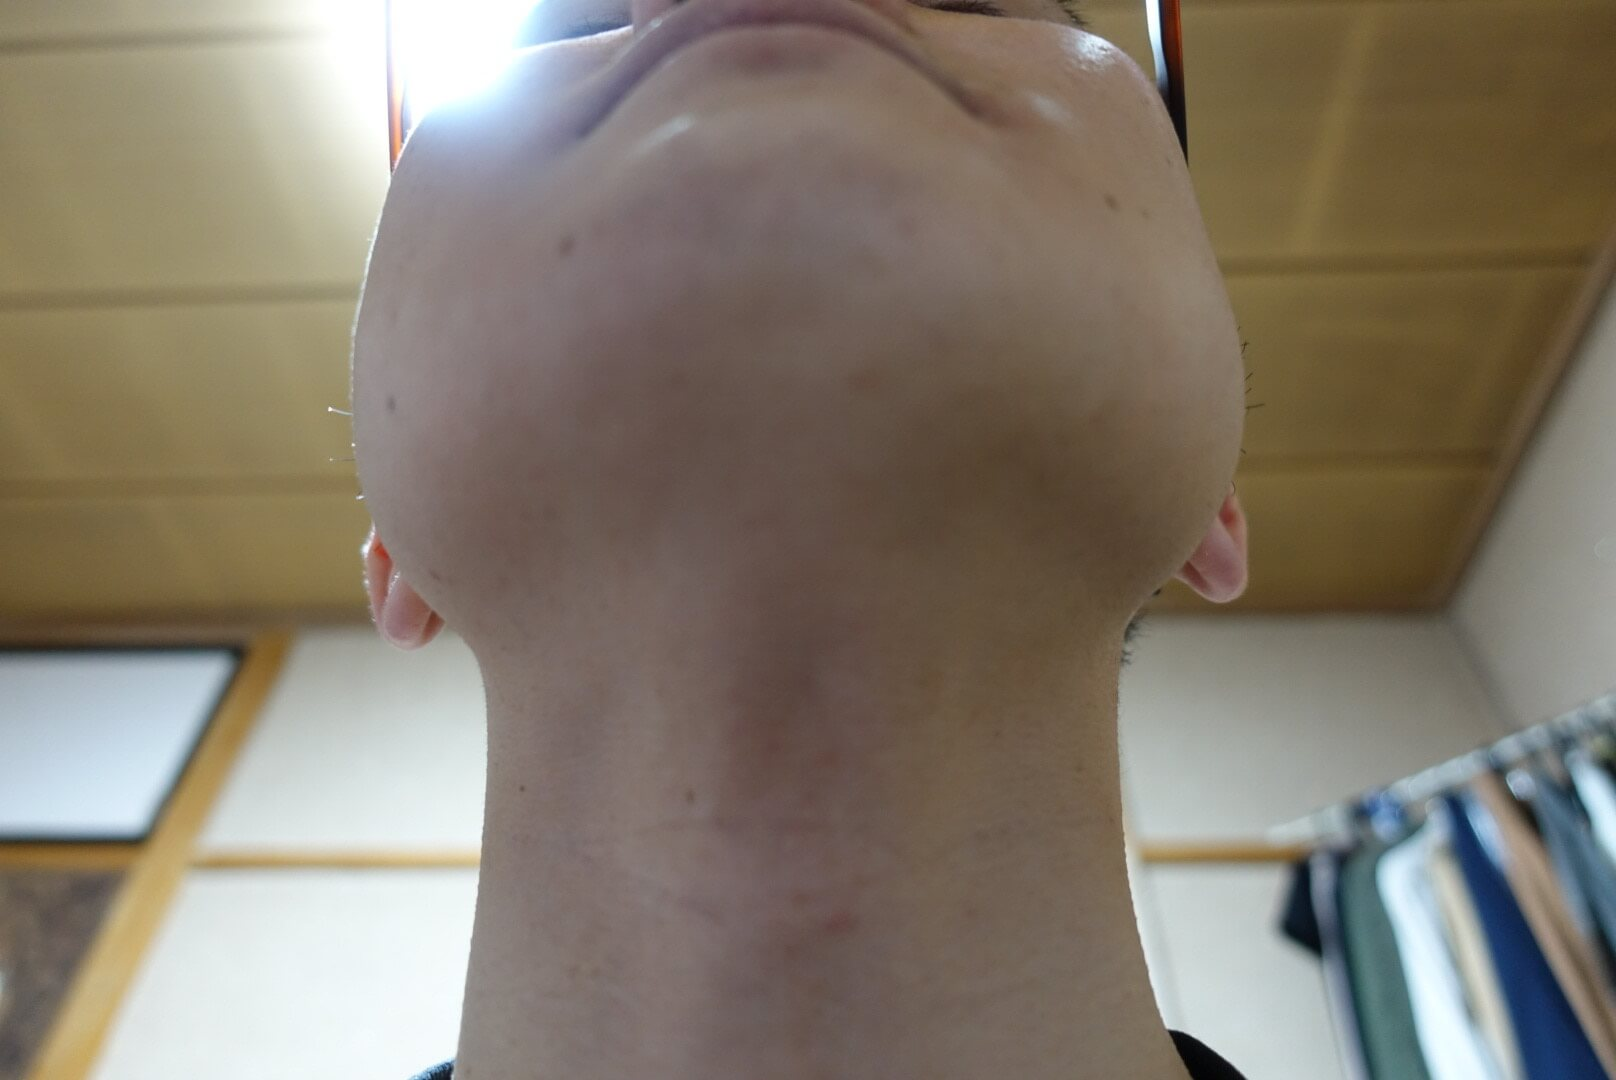 ヒゲ脱毛11回目施術1ヵ月後-あご下